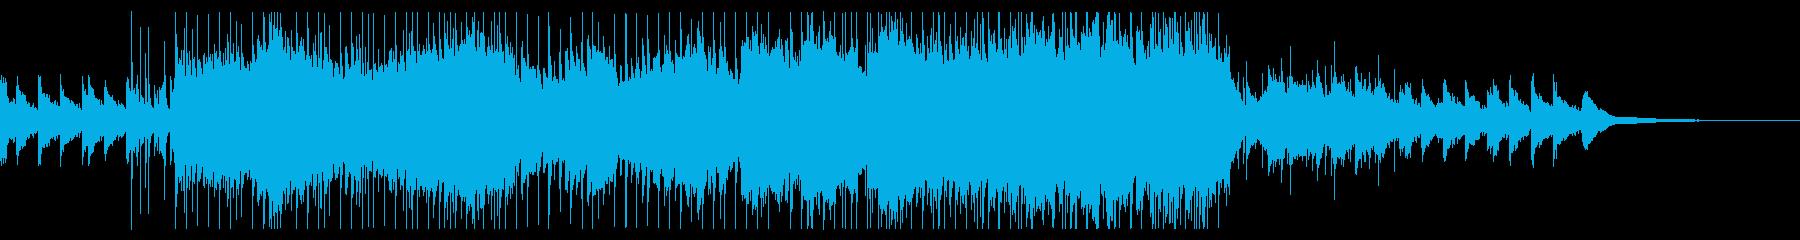 決意をもって前に進むような曲の再生済みの波形